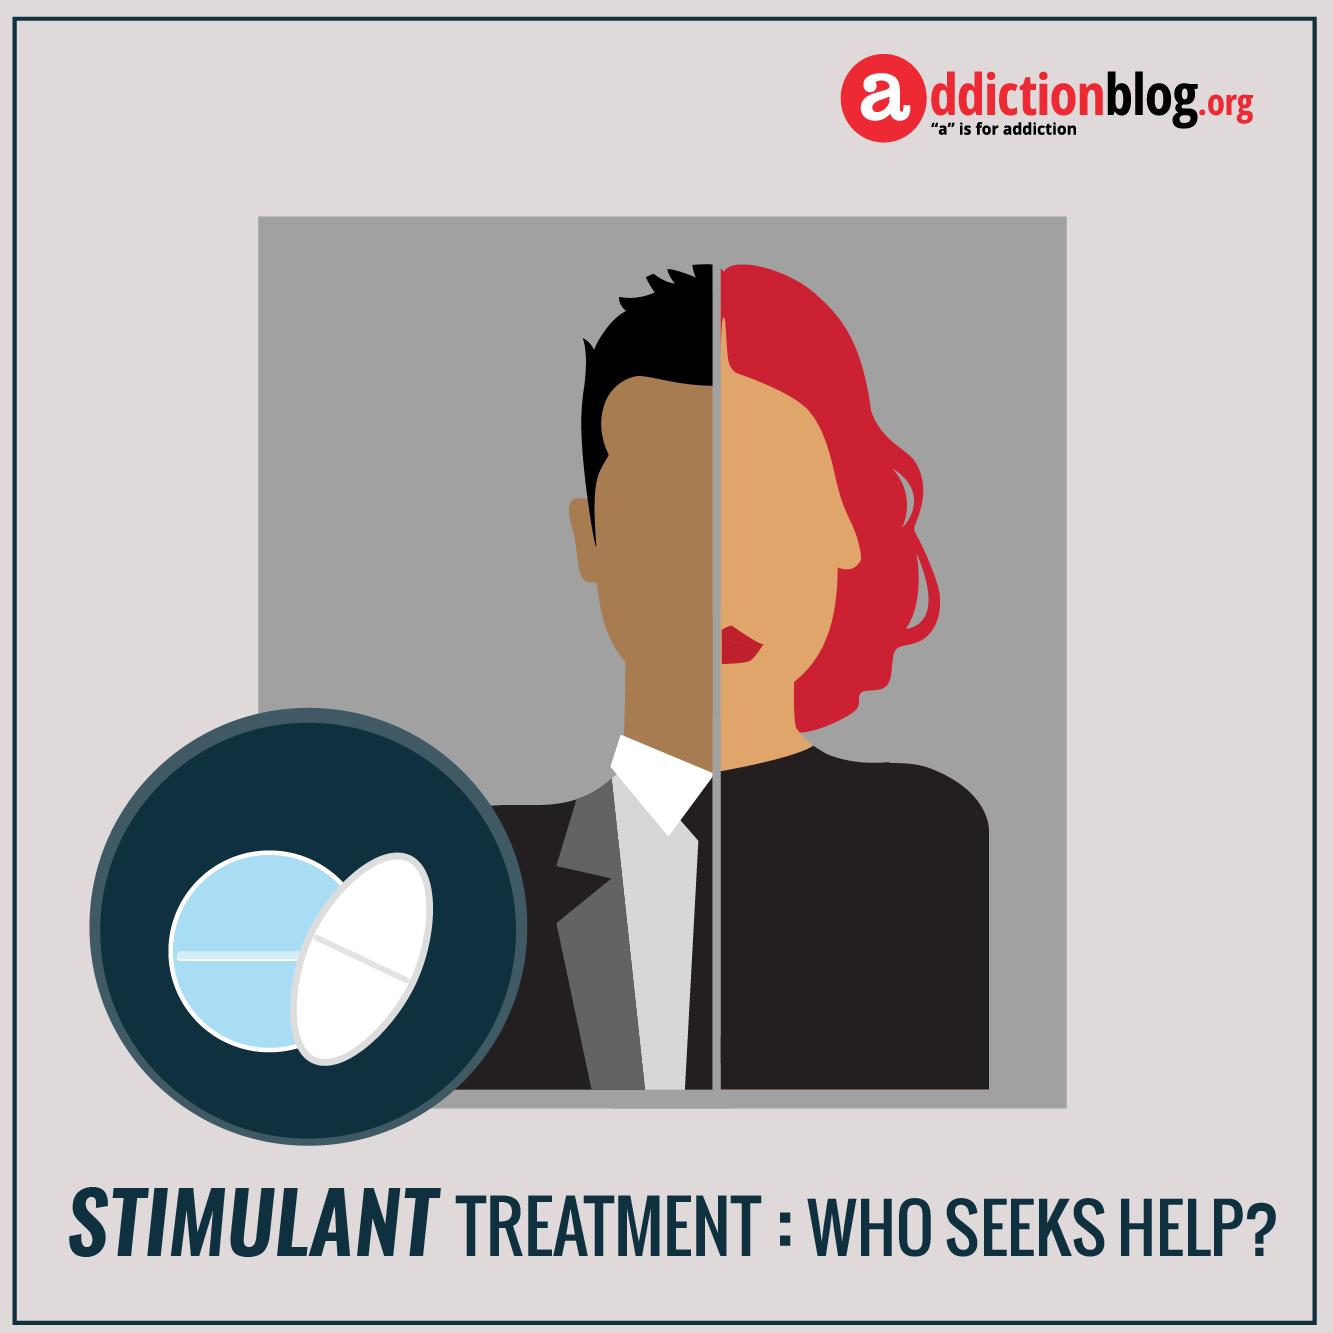 Stimulants addiction treatment: Who seeks help for stimulant drug abuse? (INFOGRAPHIC)